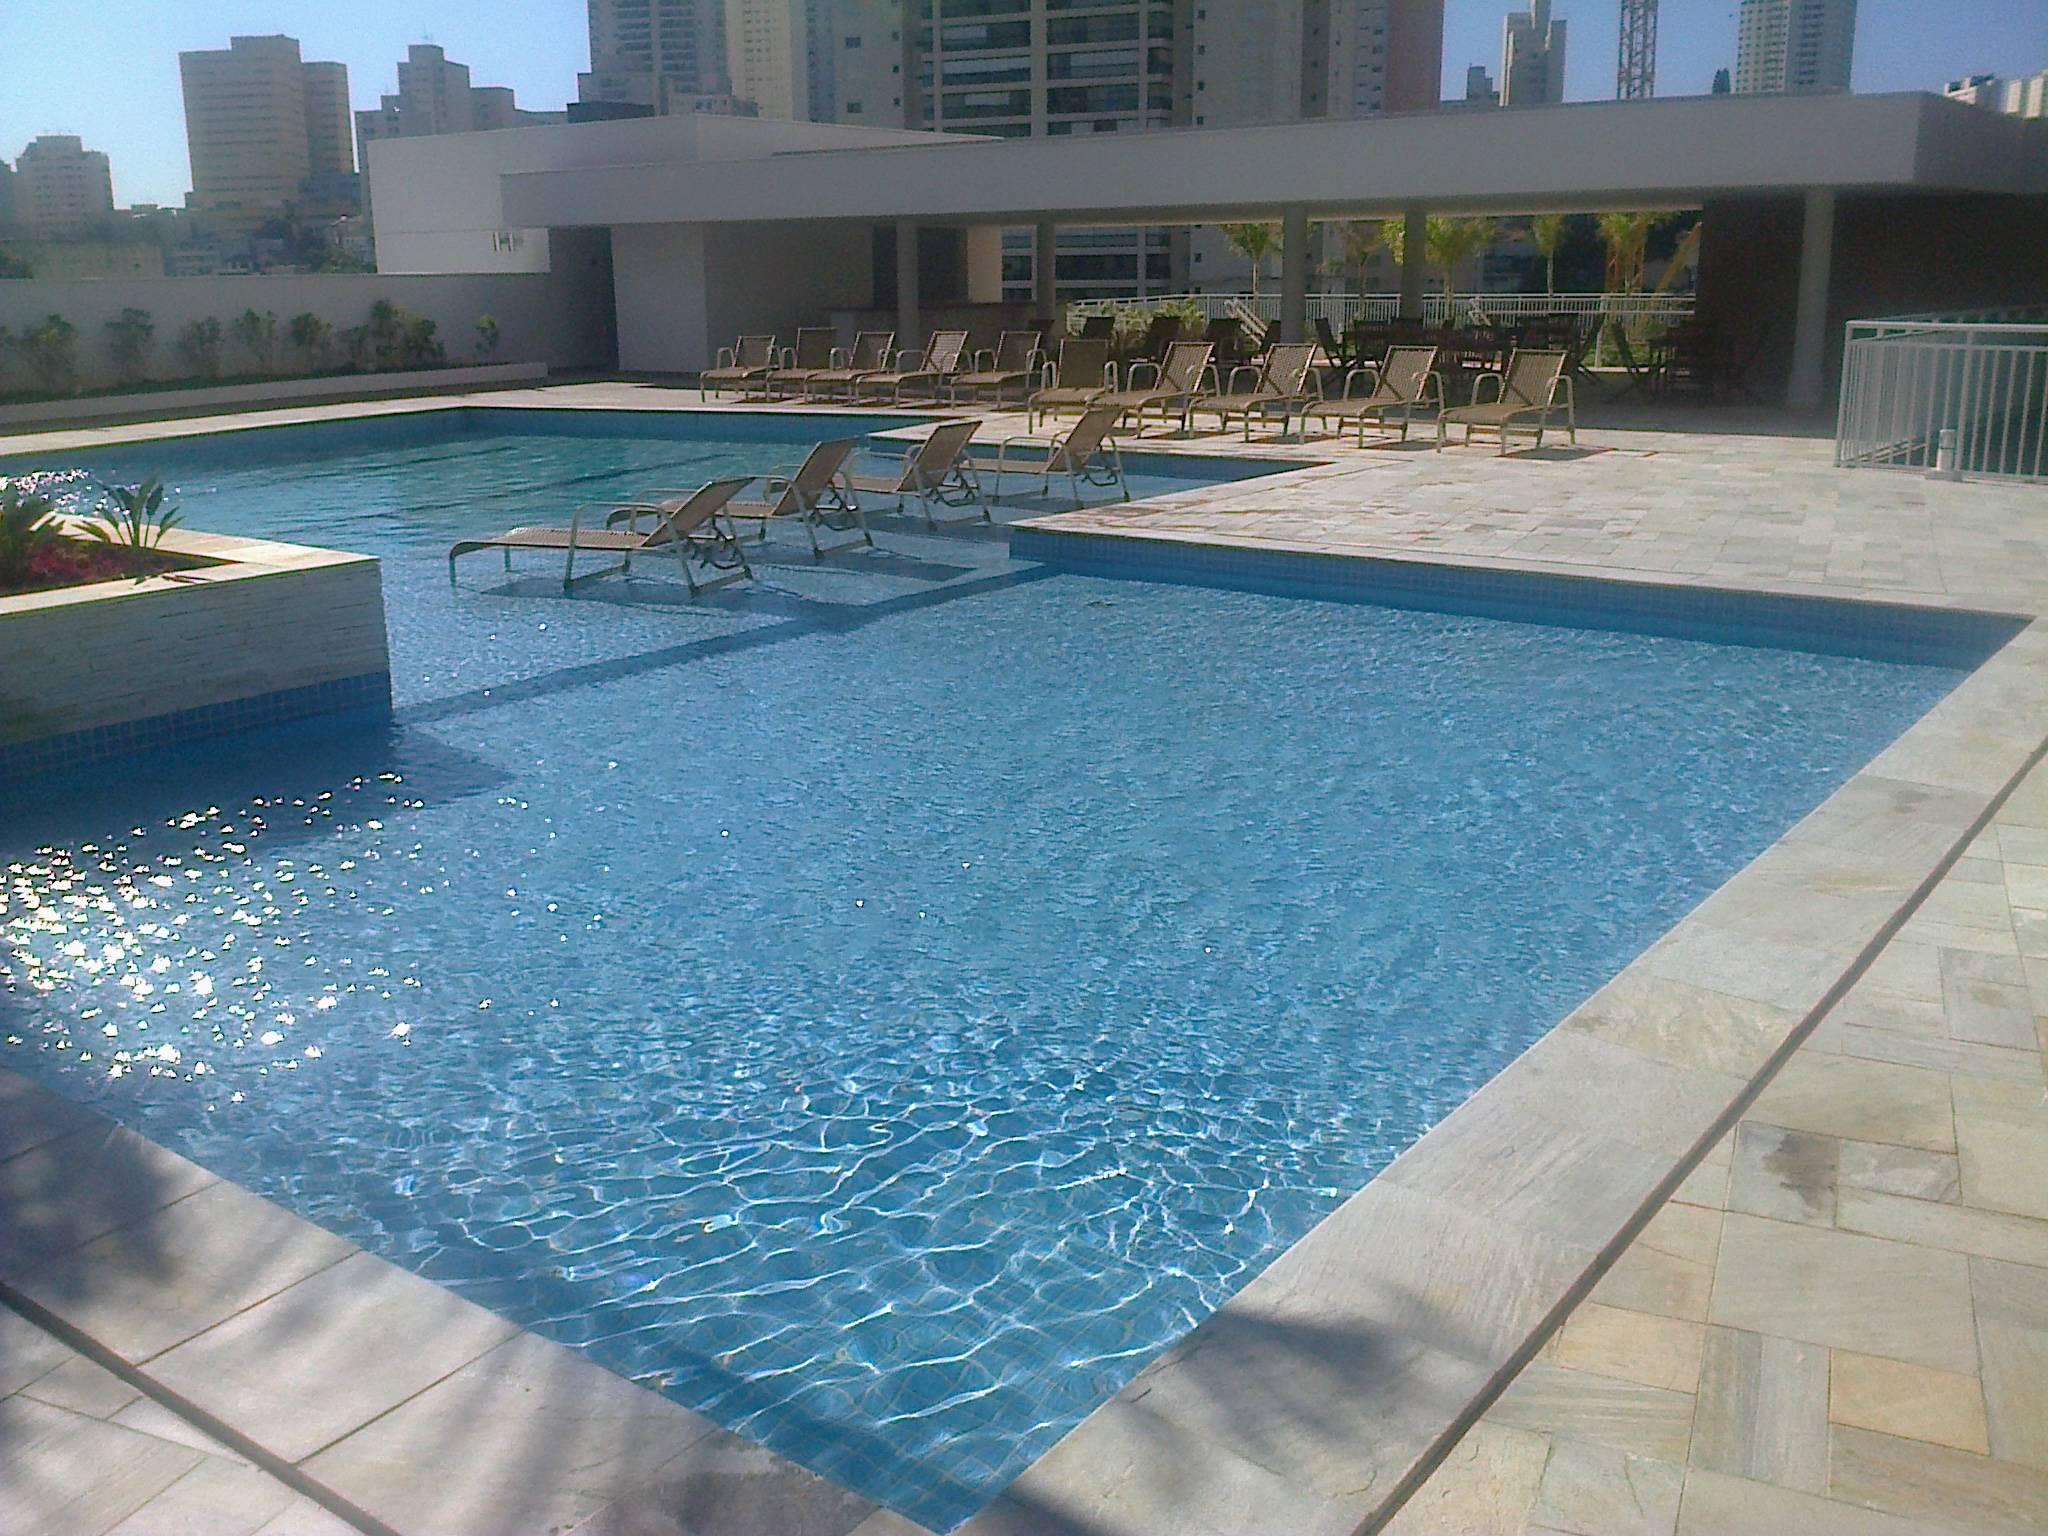 Curso de piscineiro pre o qualy tratus piscinas for Empresas de piscinas